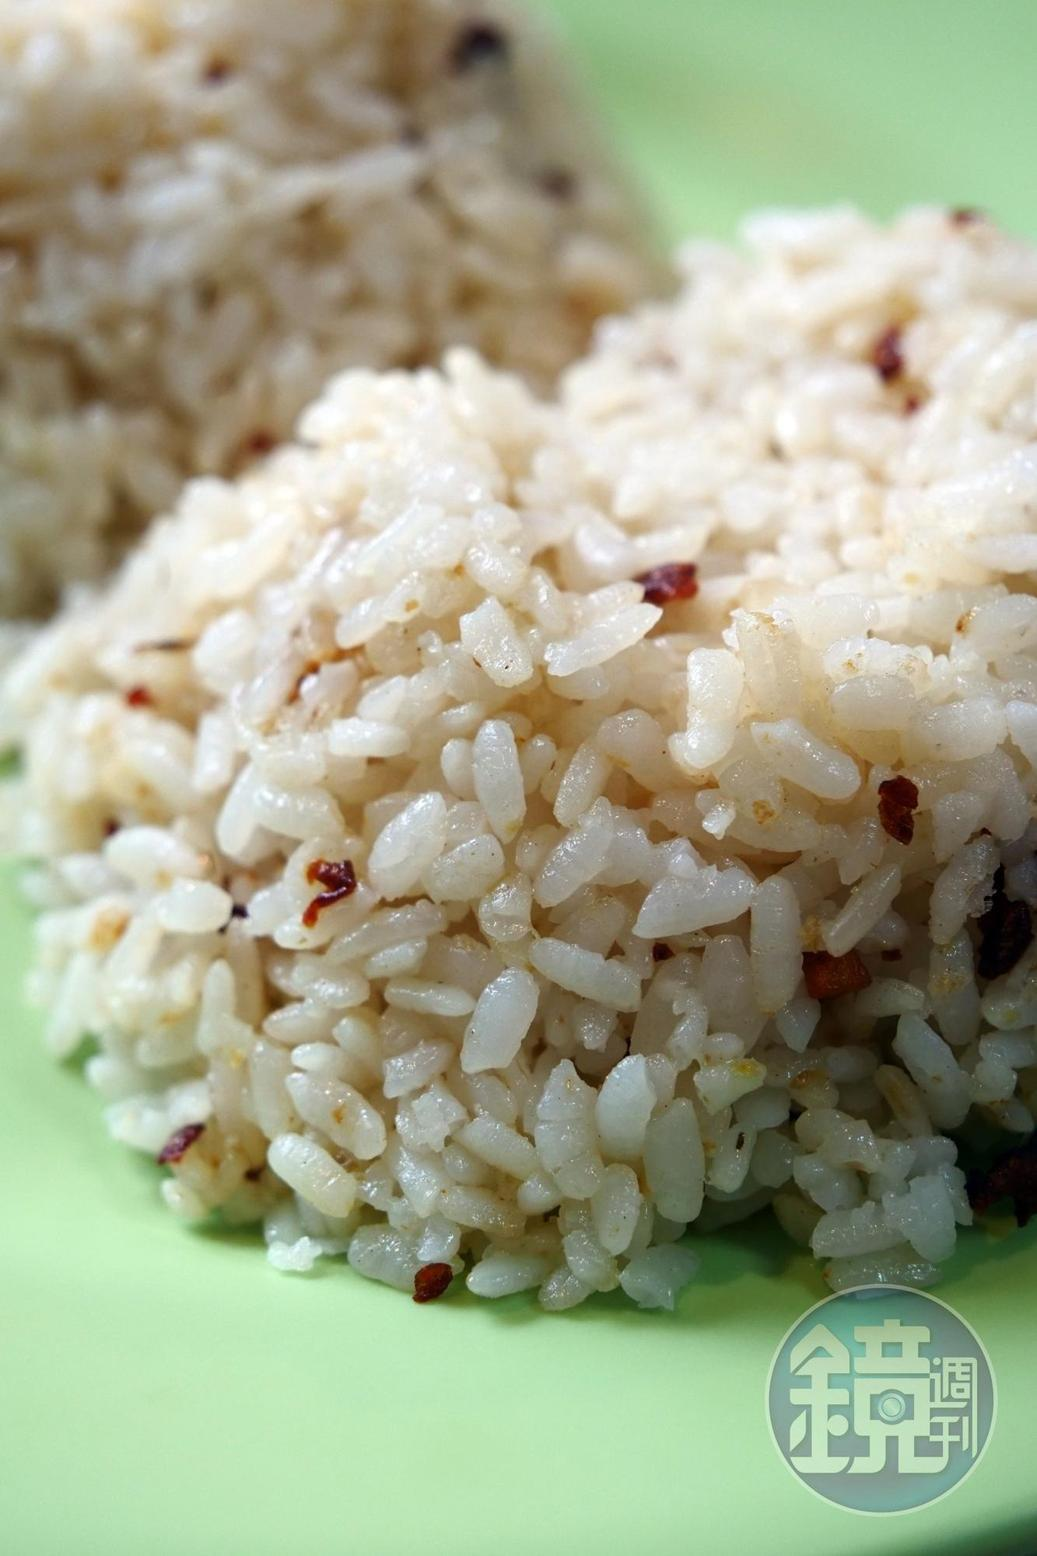 將爆香之後的大蒜與飯拌炒,也是菲律賓人愛吃的大蒜飯。(30元/份)